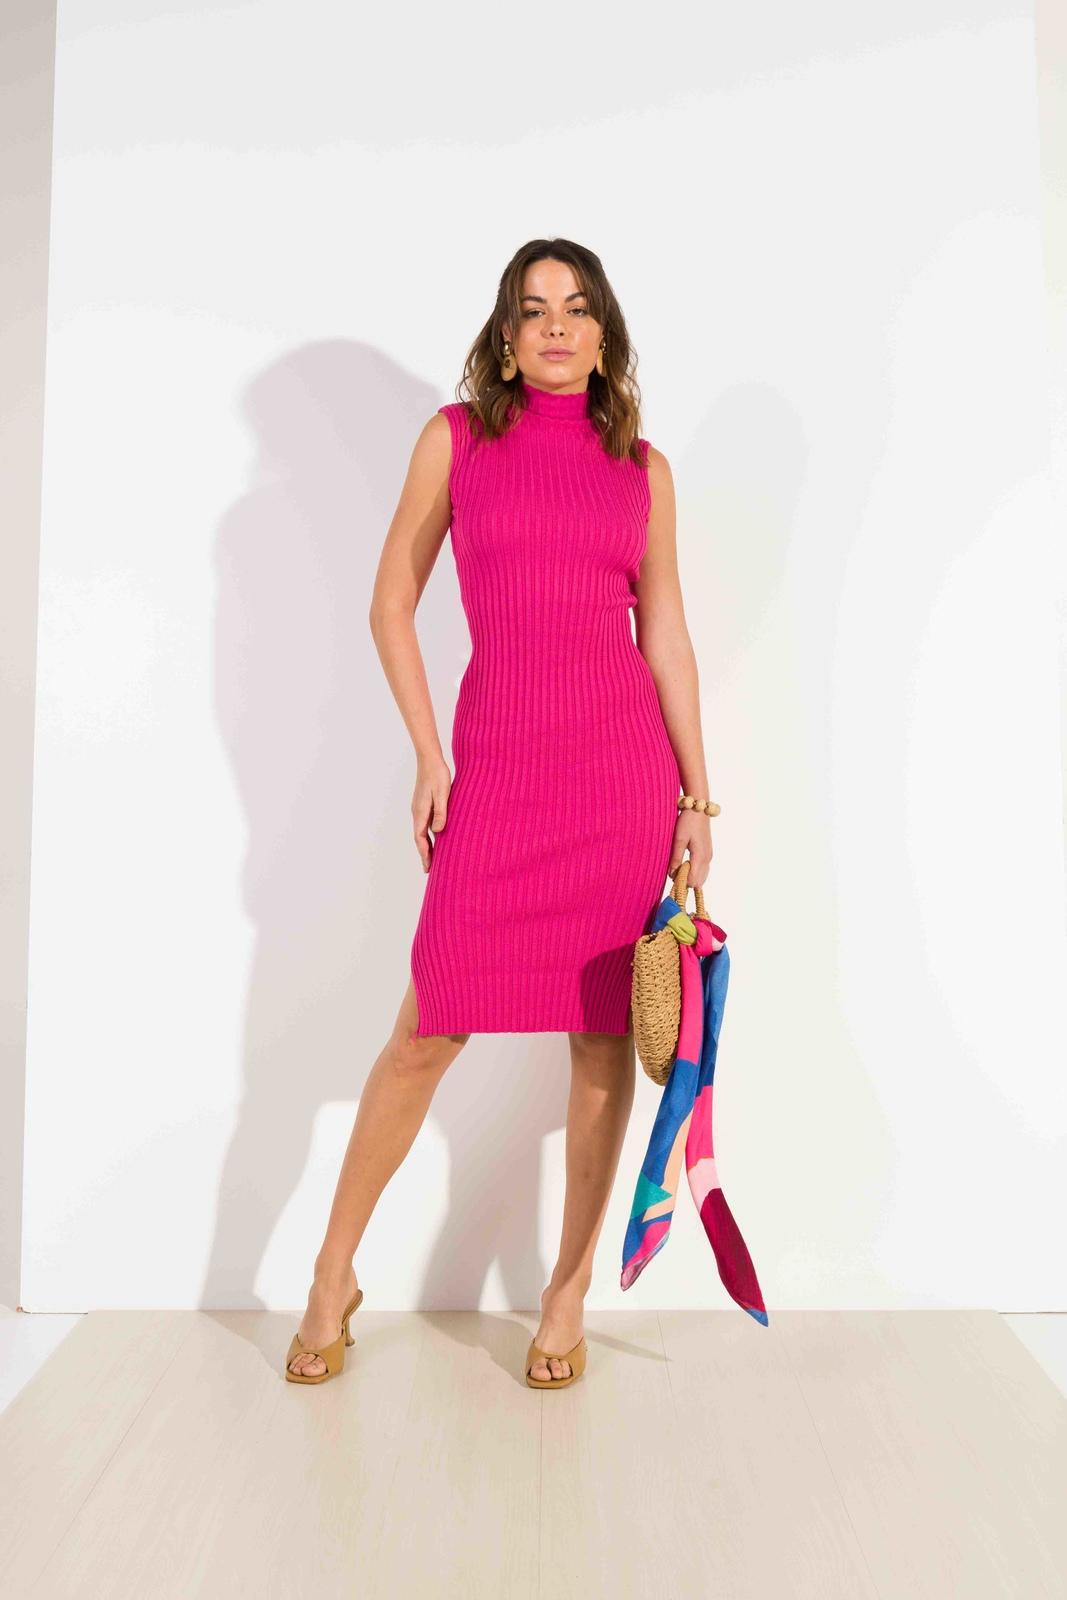 Vestido Dioxes feminino tricot modal